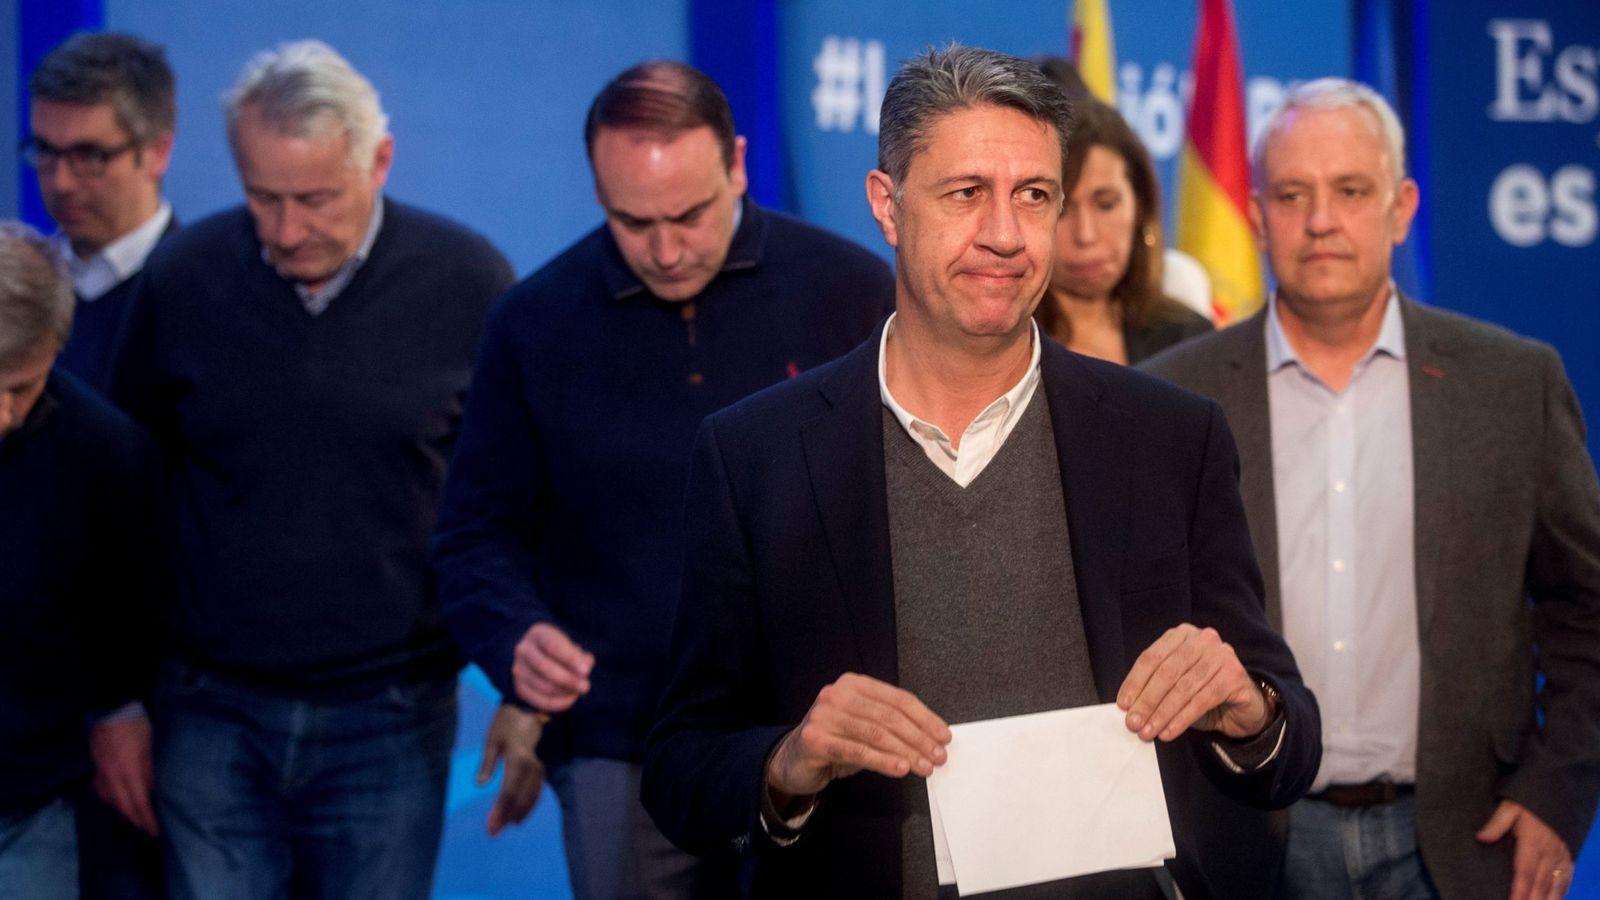 Foto: El cabeza de lista del PPC en las elecciones del 21-D, Xavier García Albiol. (EFE)